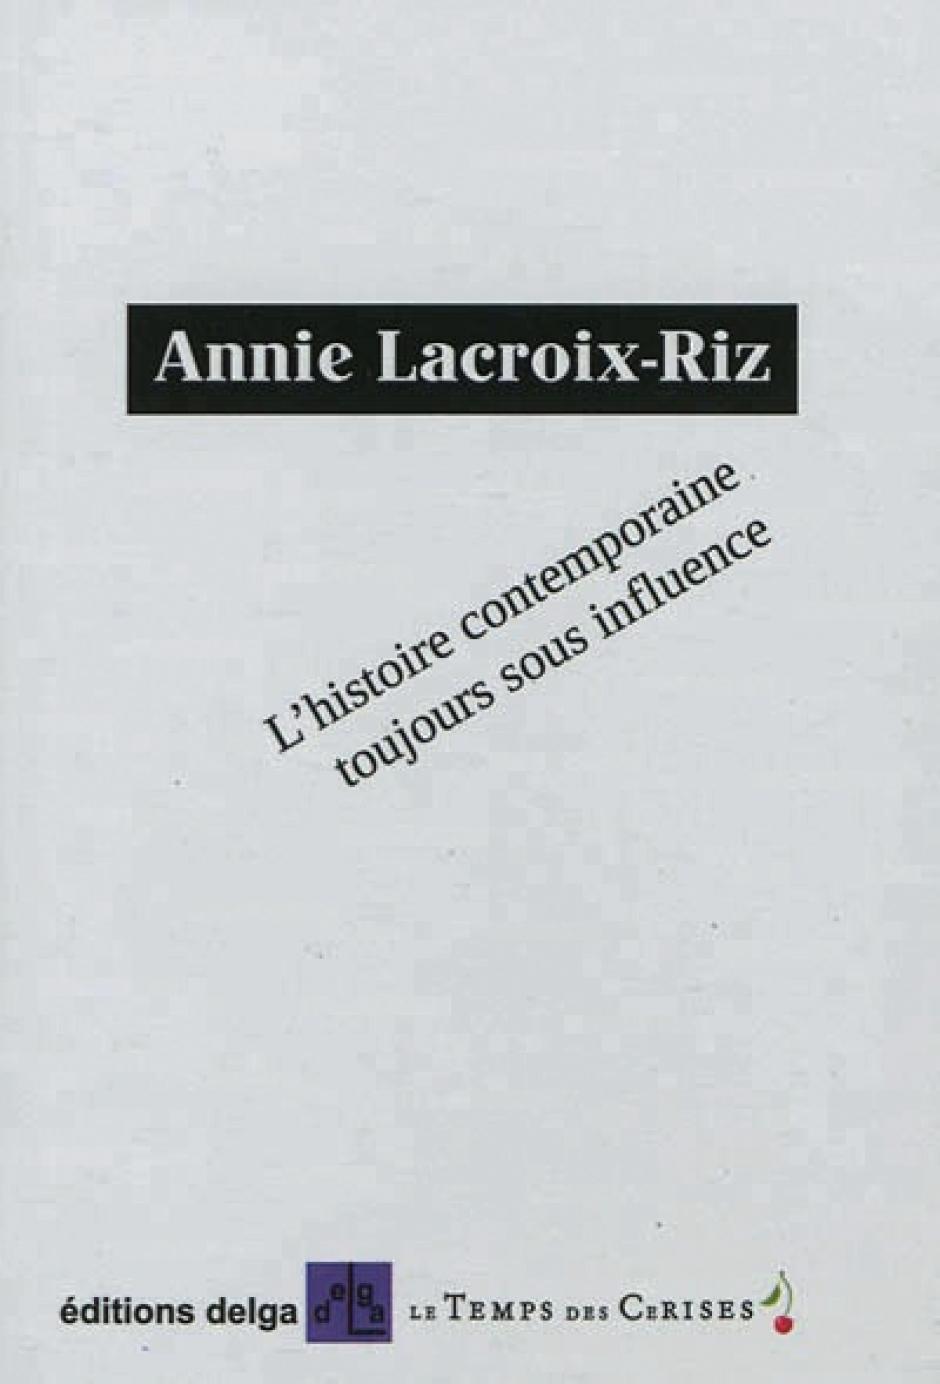 L'histoire contemporaine toujours sous influence, Annie Lacroix-Riz